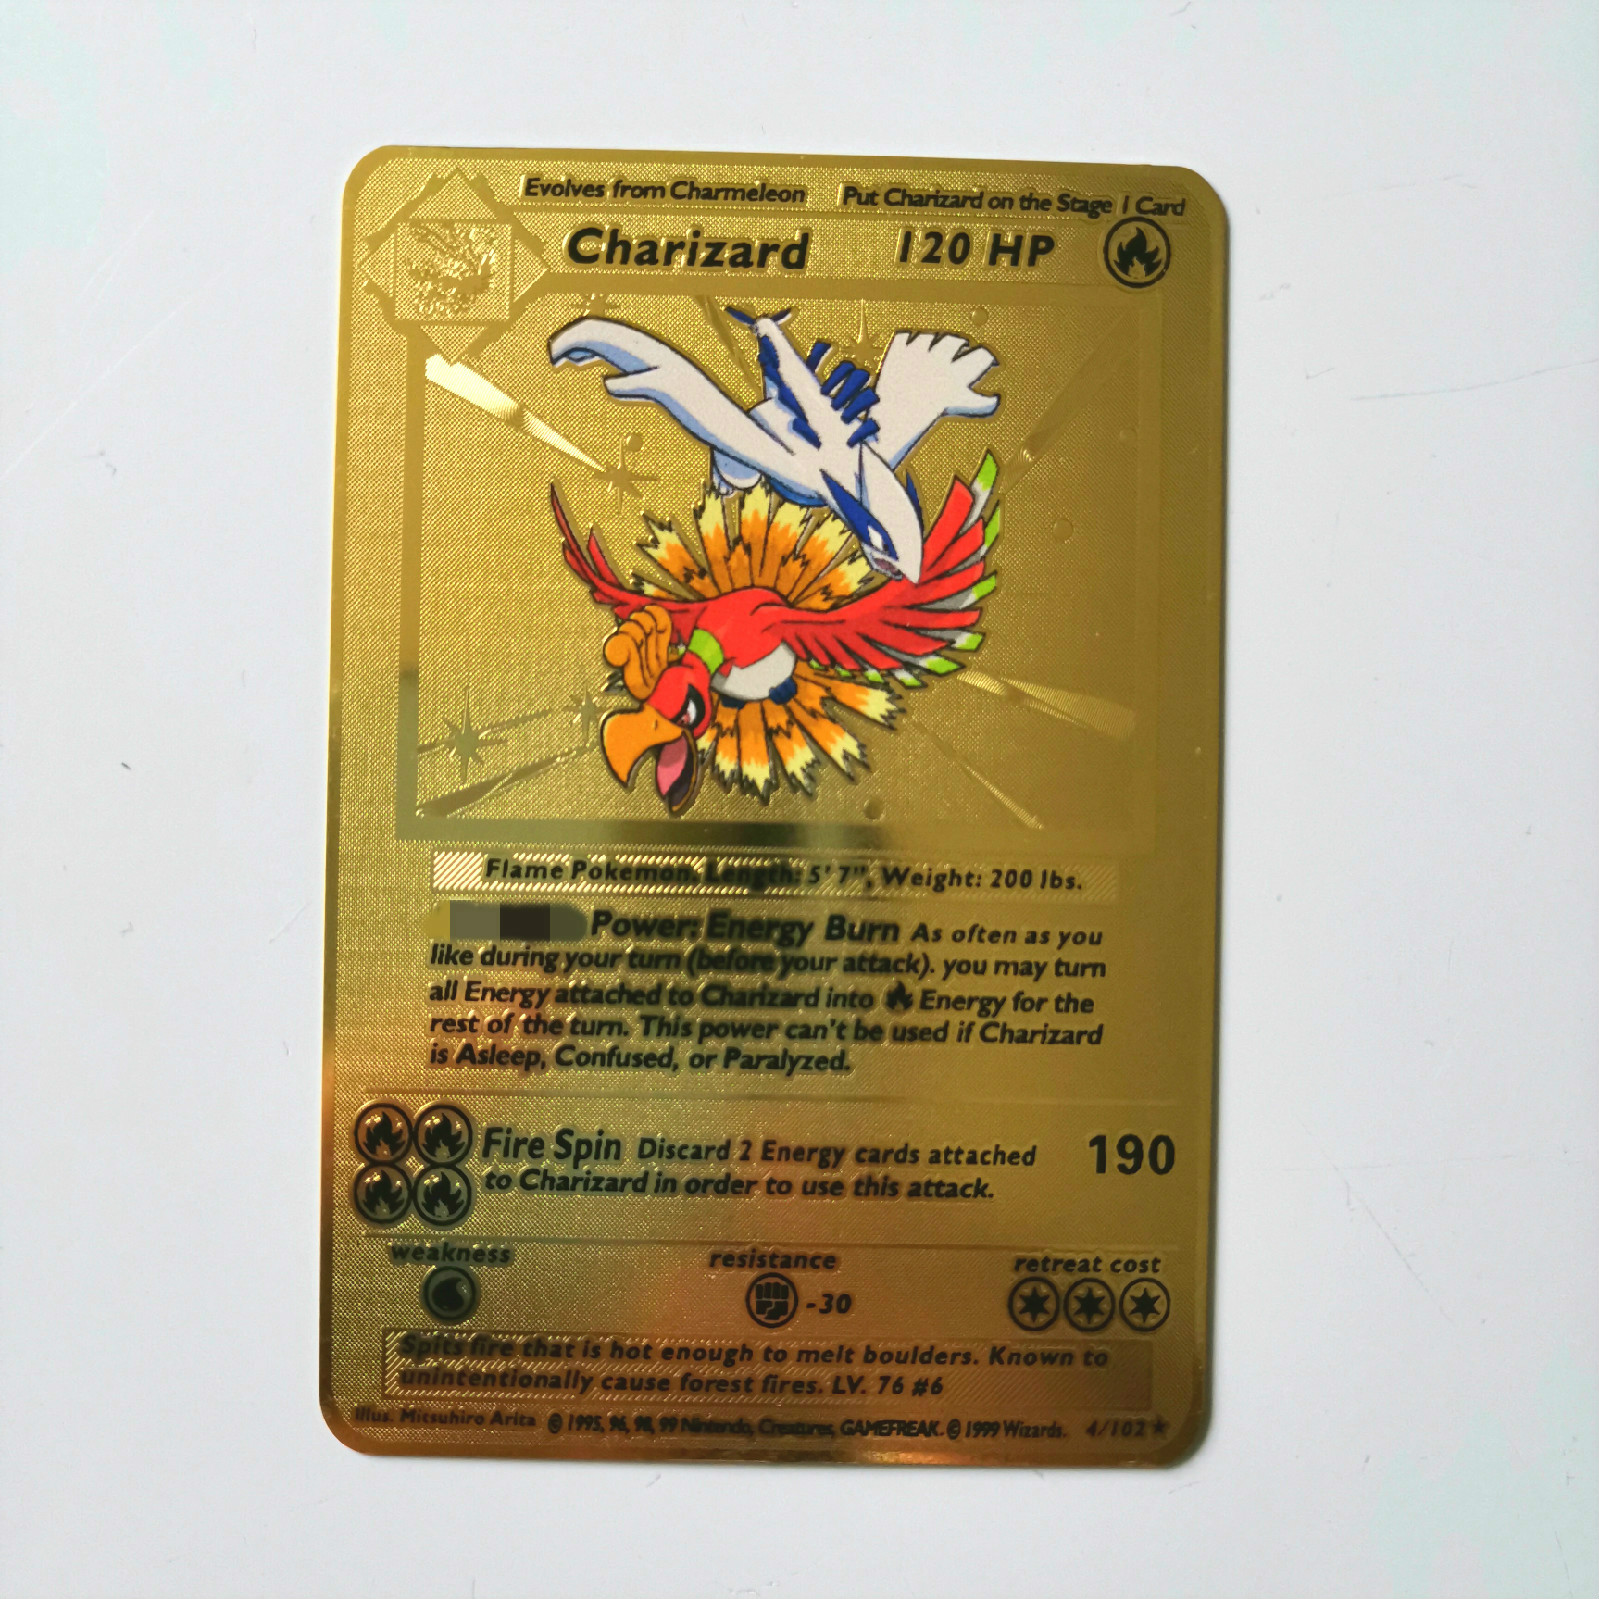 Dragon Ball золотая металлическая карточка супер игра Коллекция аниме-открытки игра детская игрушка - Цвет: I